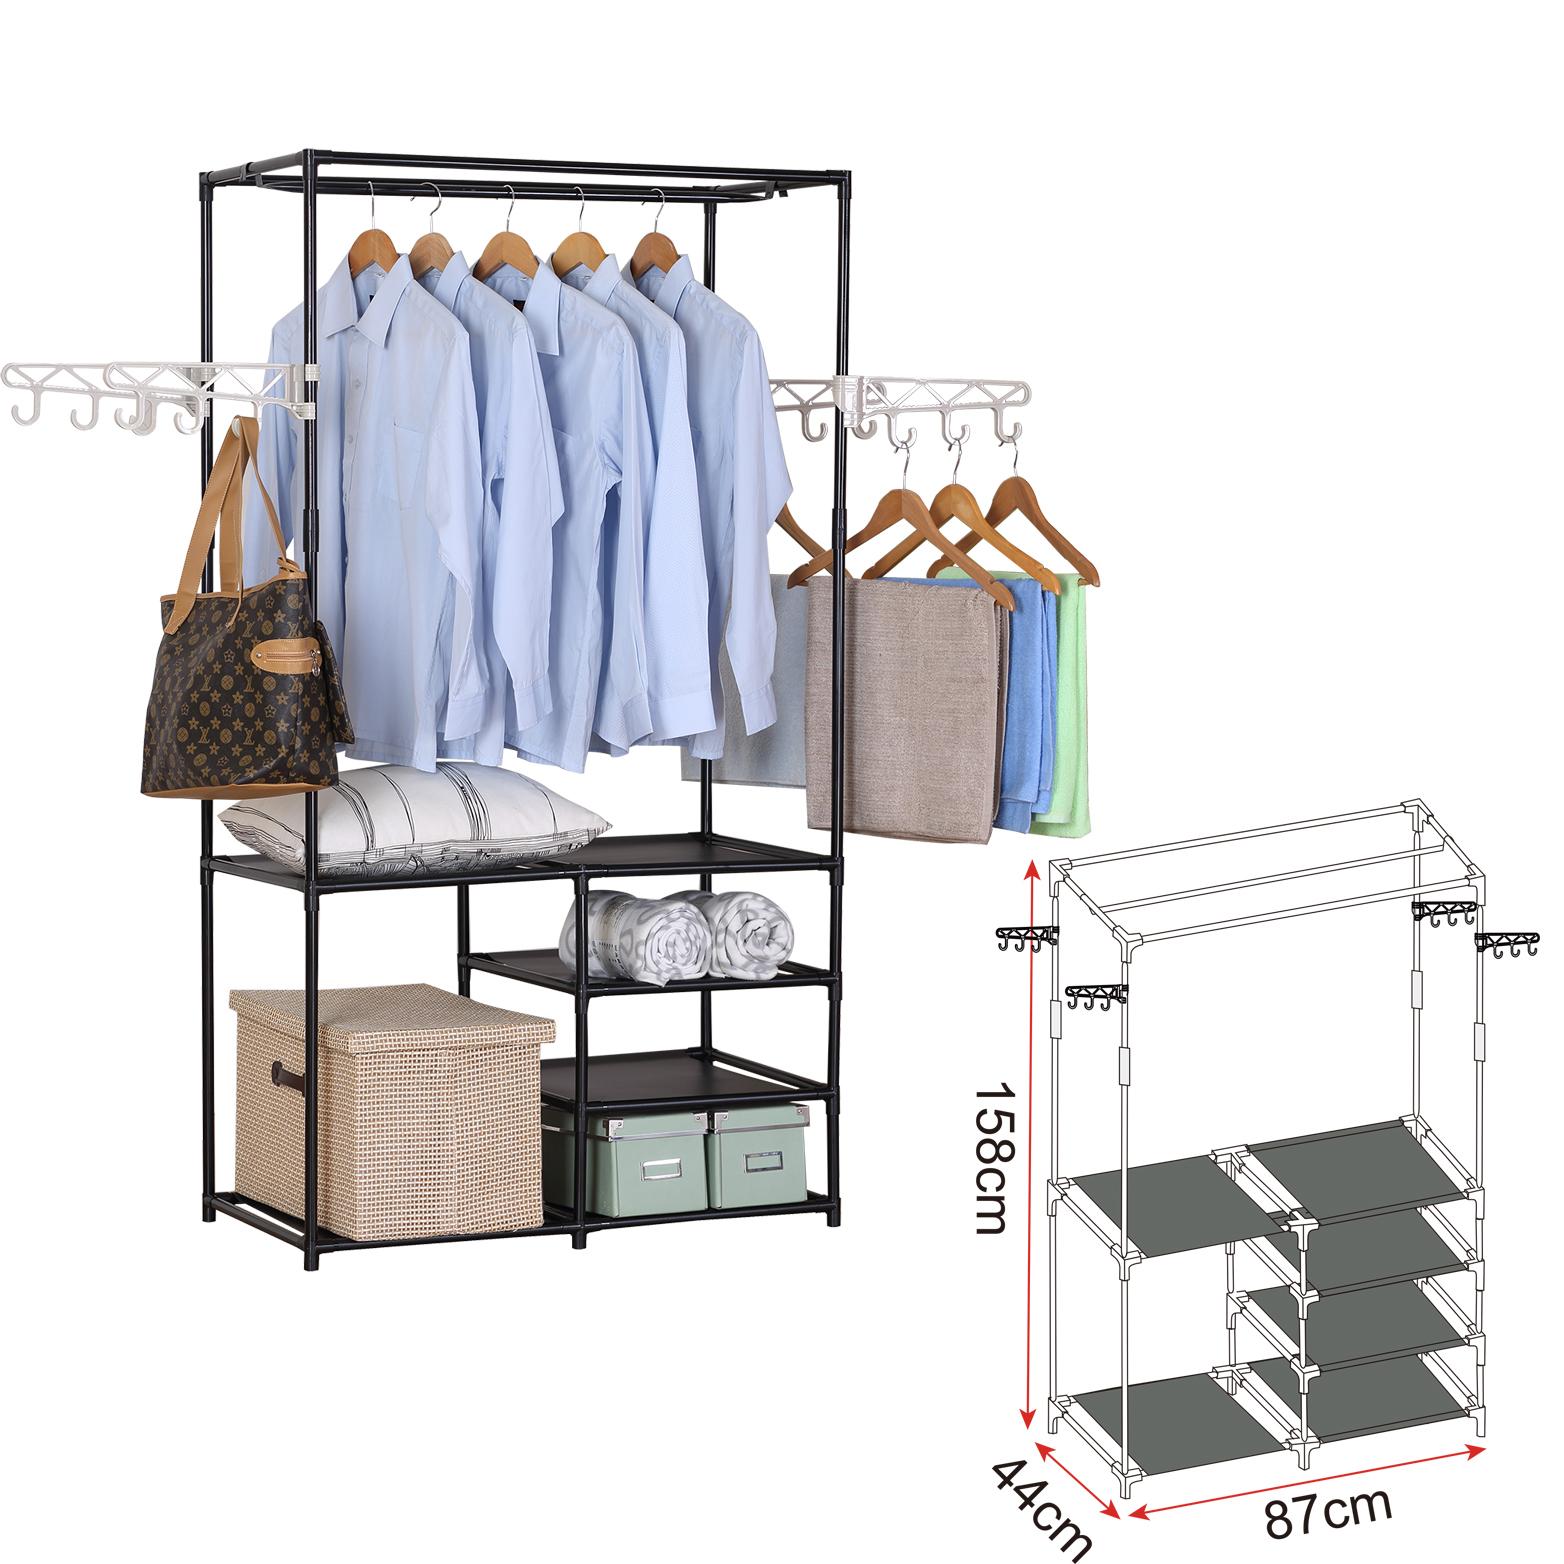 kleiderst nder kleiderstange mit ablage aufbewahrung. Black Bedroom Furniture Sets. Home Design Ideas